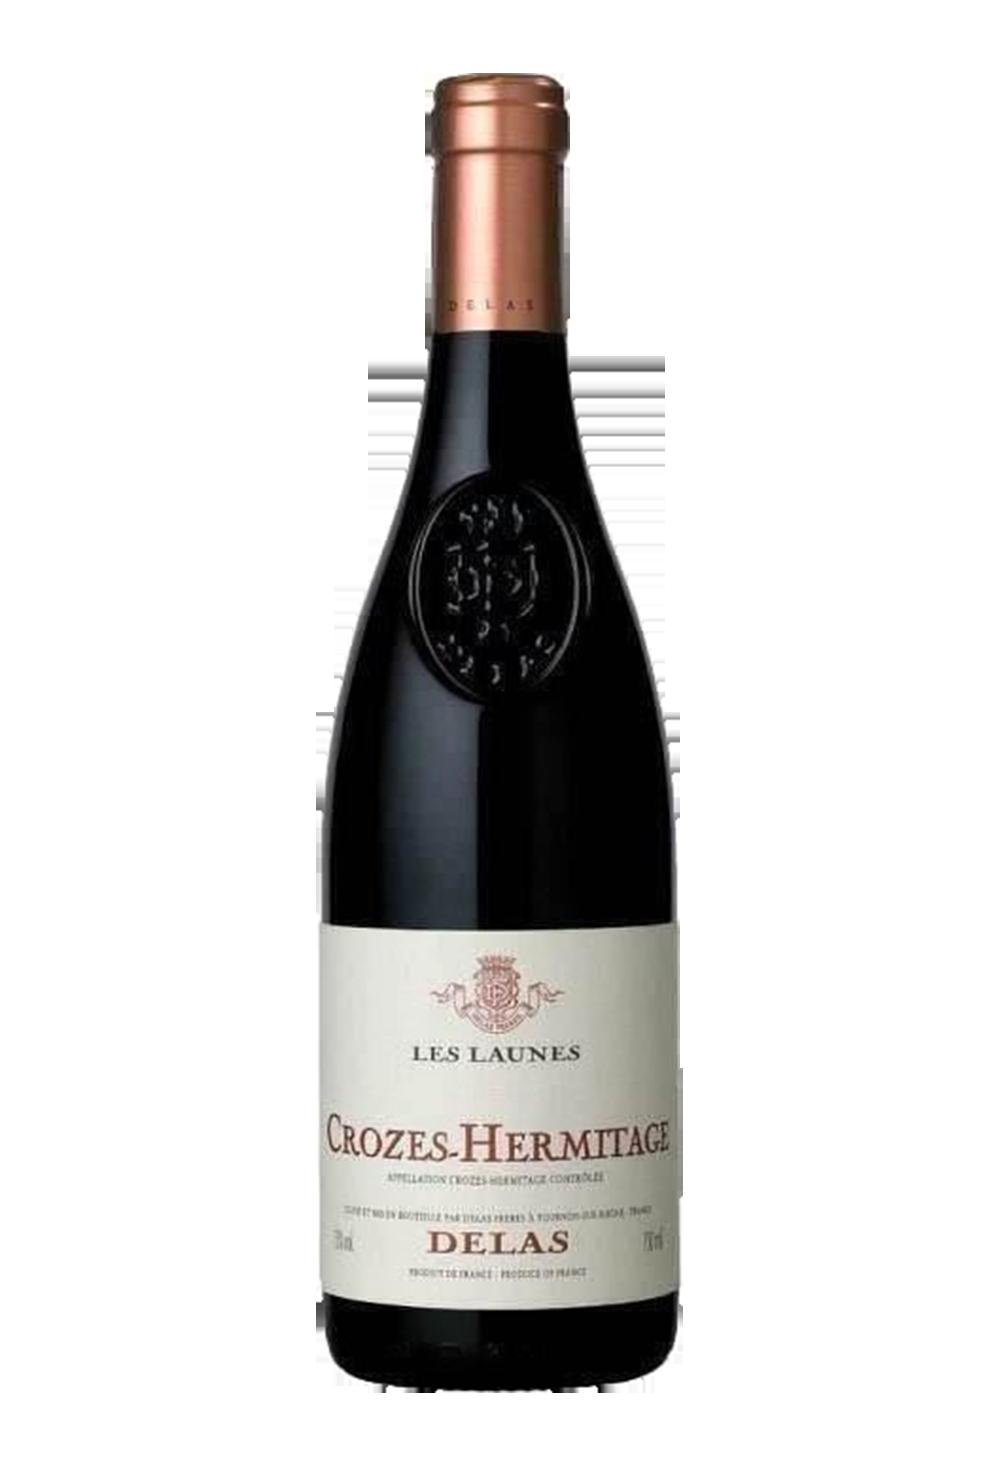 Vin Du Rhone Crozes Hermitages Les Launes Rouge Mill 233 Sime 2017 De La Maison Delas